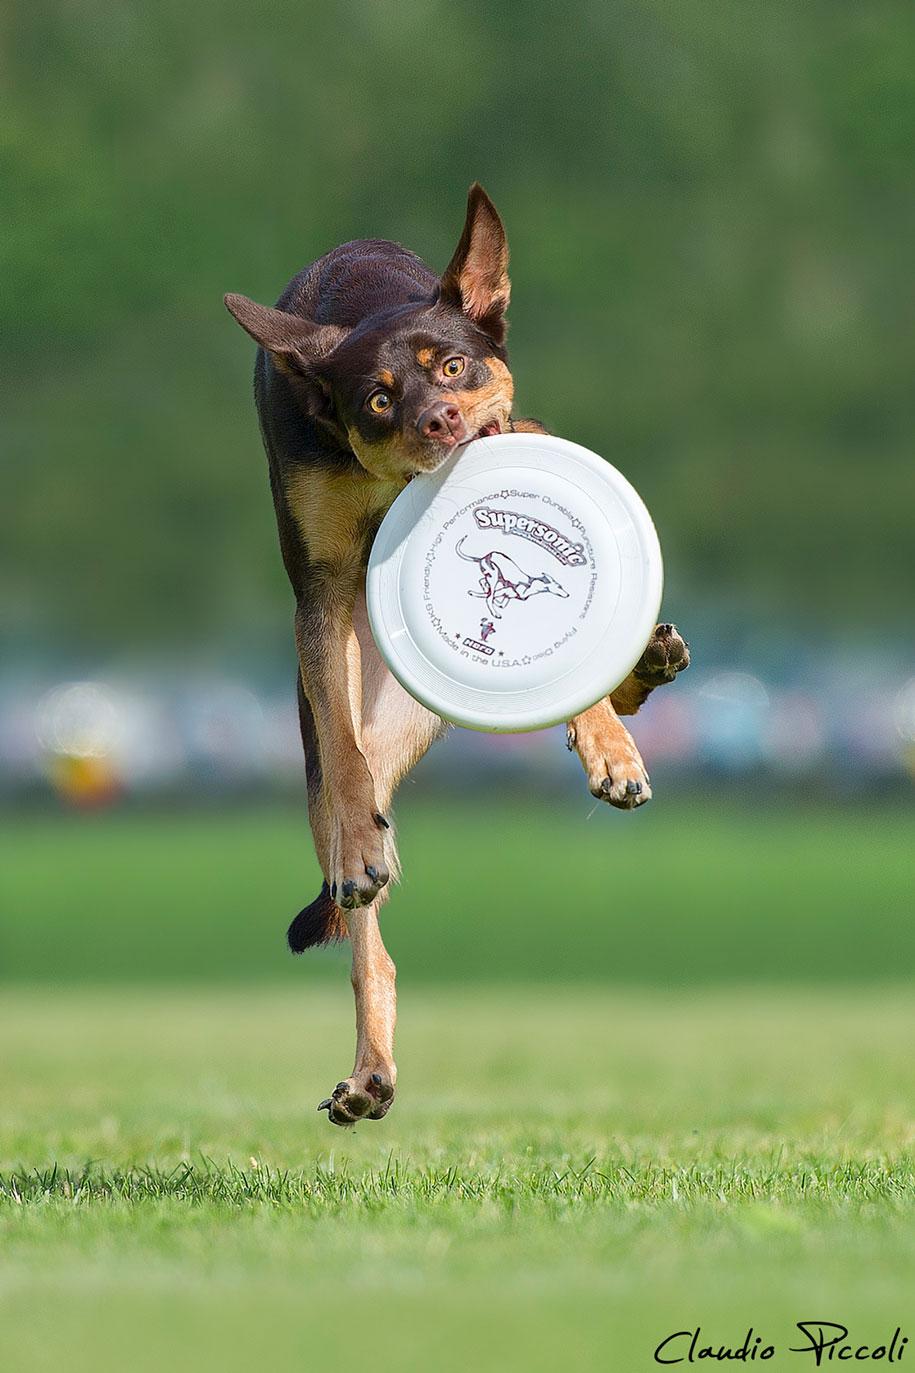 fotografia-cani-che-volano-frisbee-claudio-piccoli-16